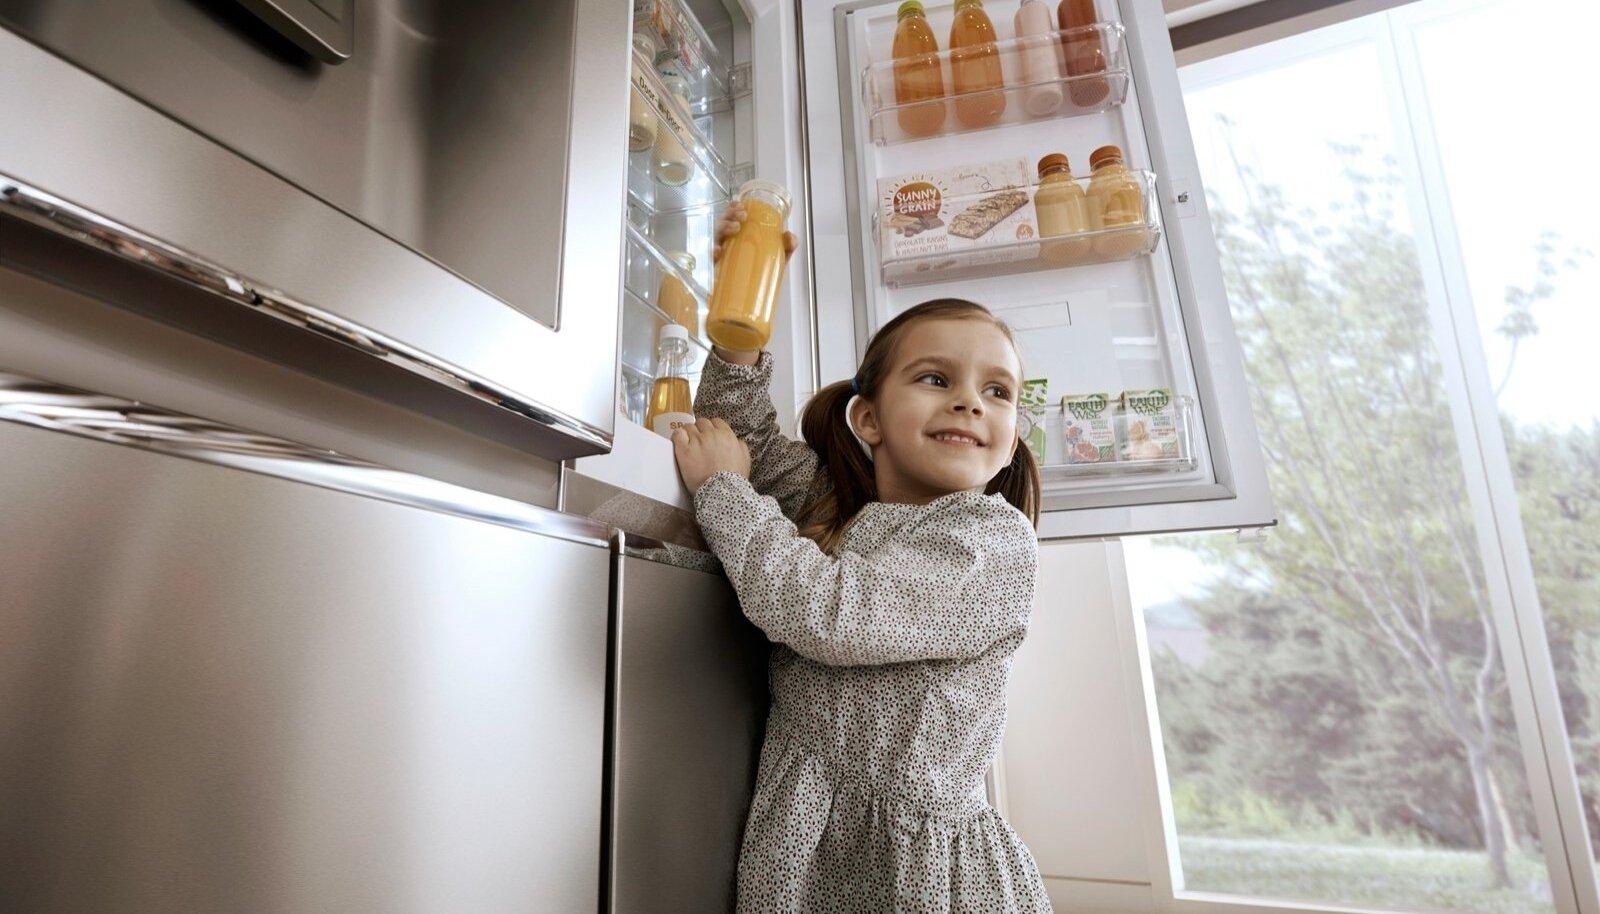 Sobiva temperatuuriga kohale paigutamine hoiab toiduained kauem värsked.